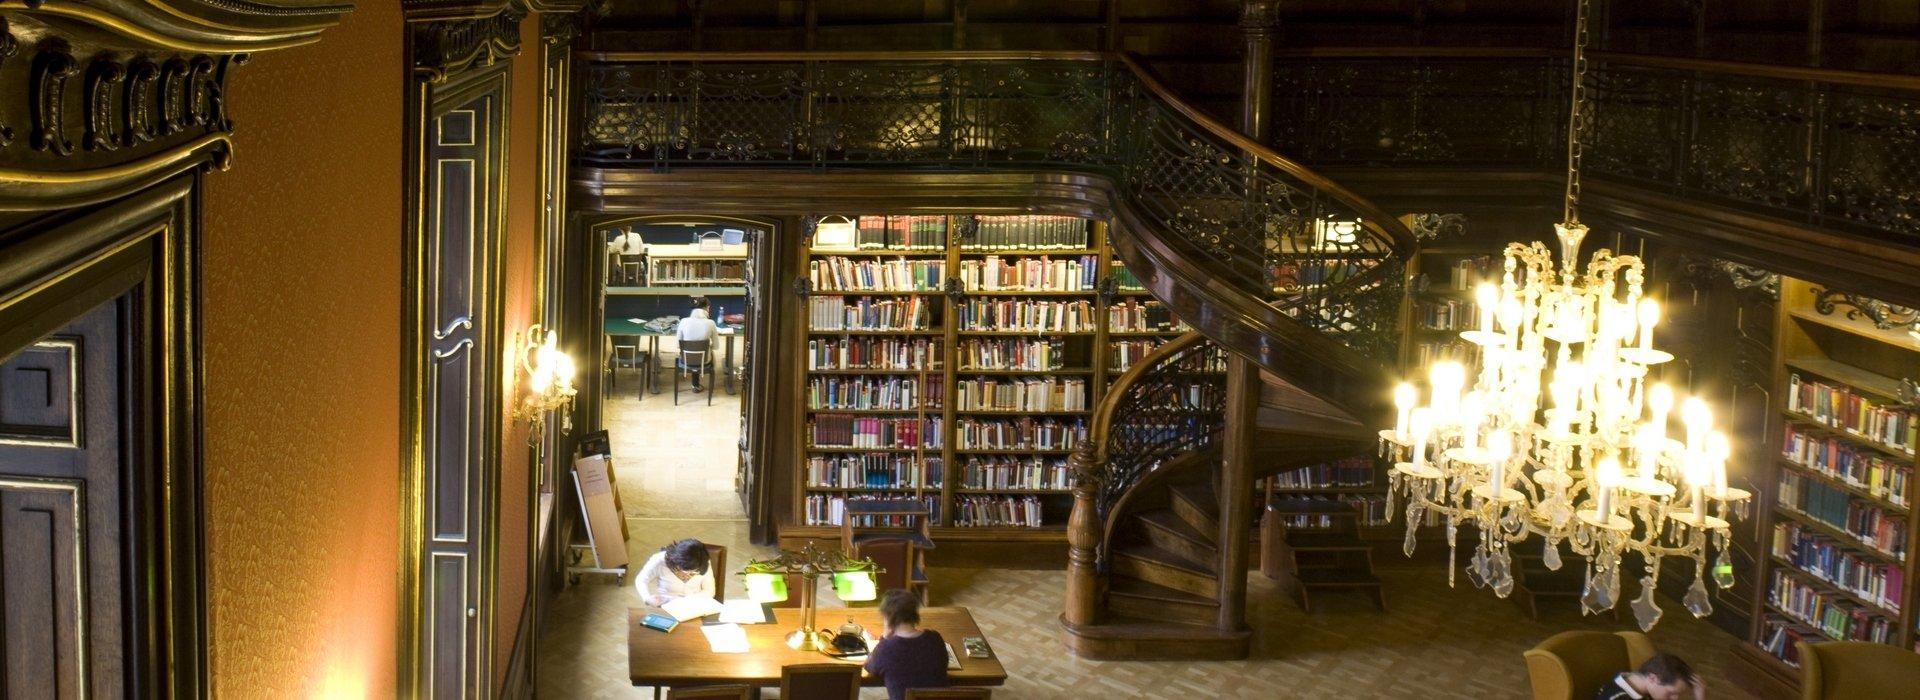 Budapest Bibliotheken – Bibliothek in Budapest, Ungarn